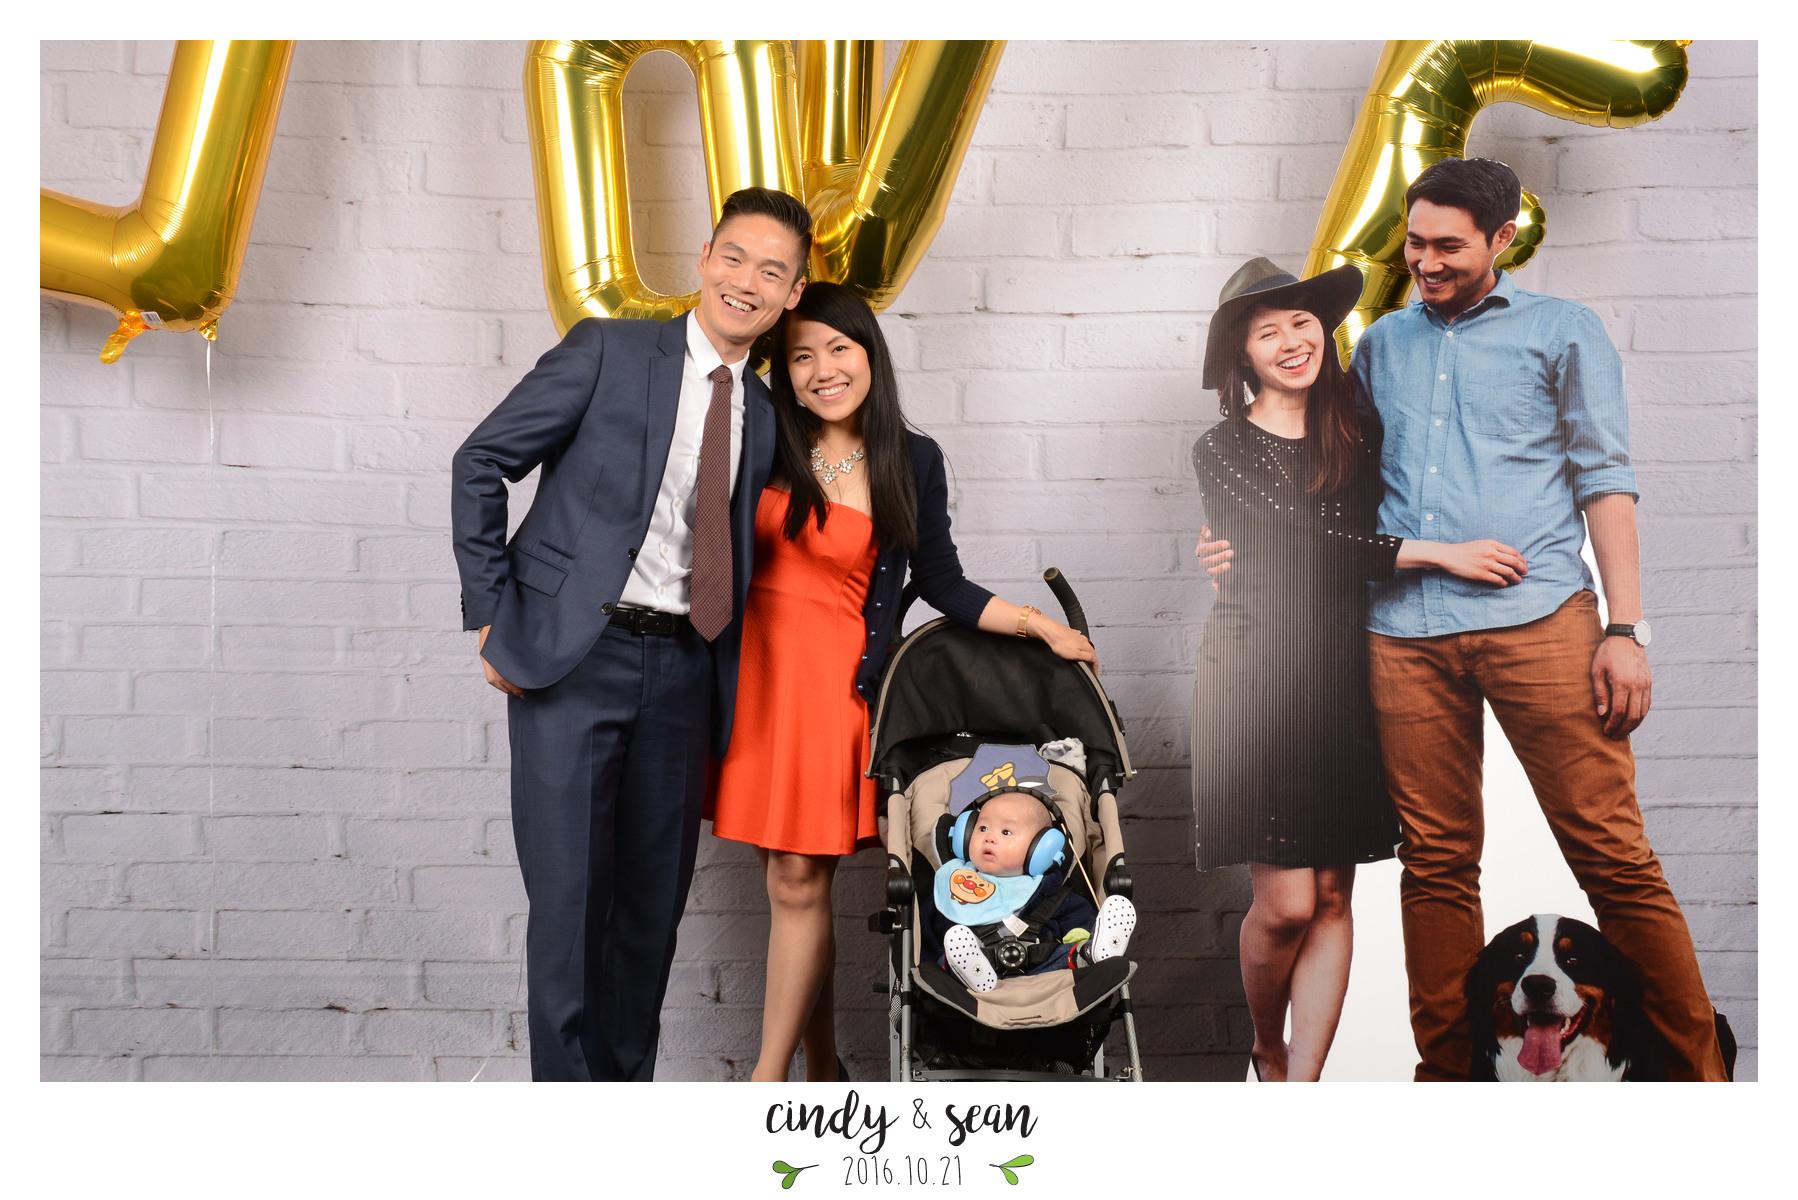 Cindy Sean Bae - 0001-145.jpg